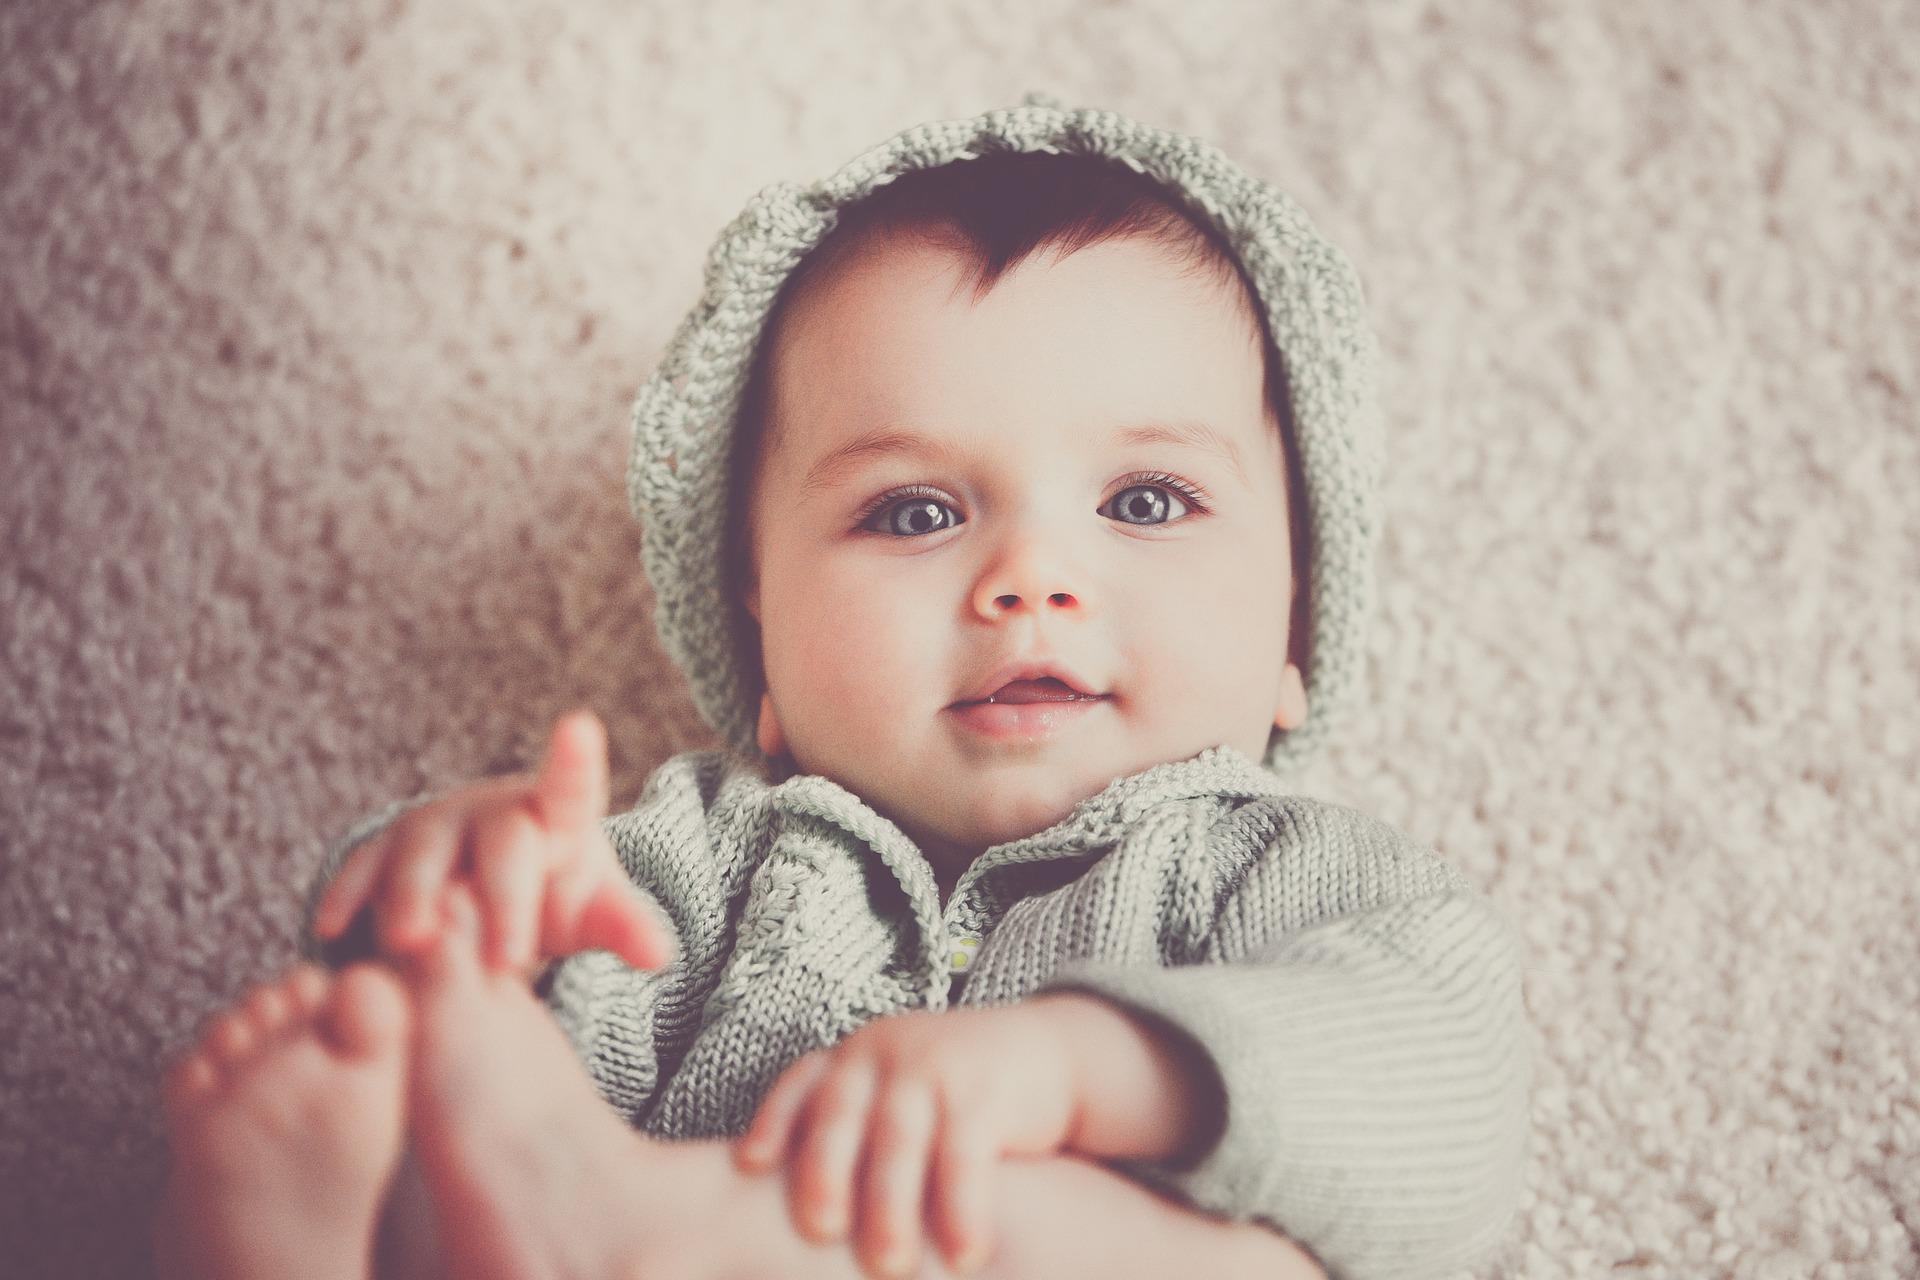 infant-1426651_1920